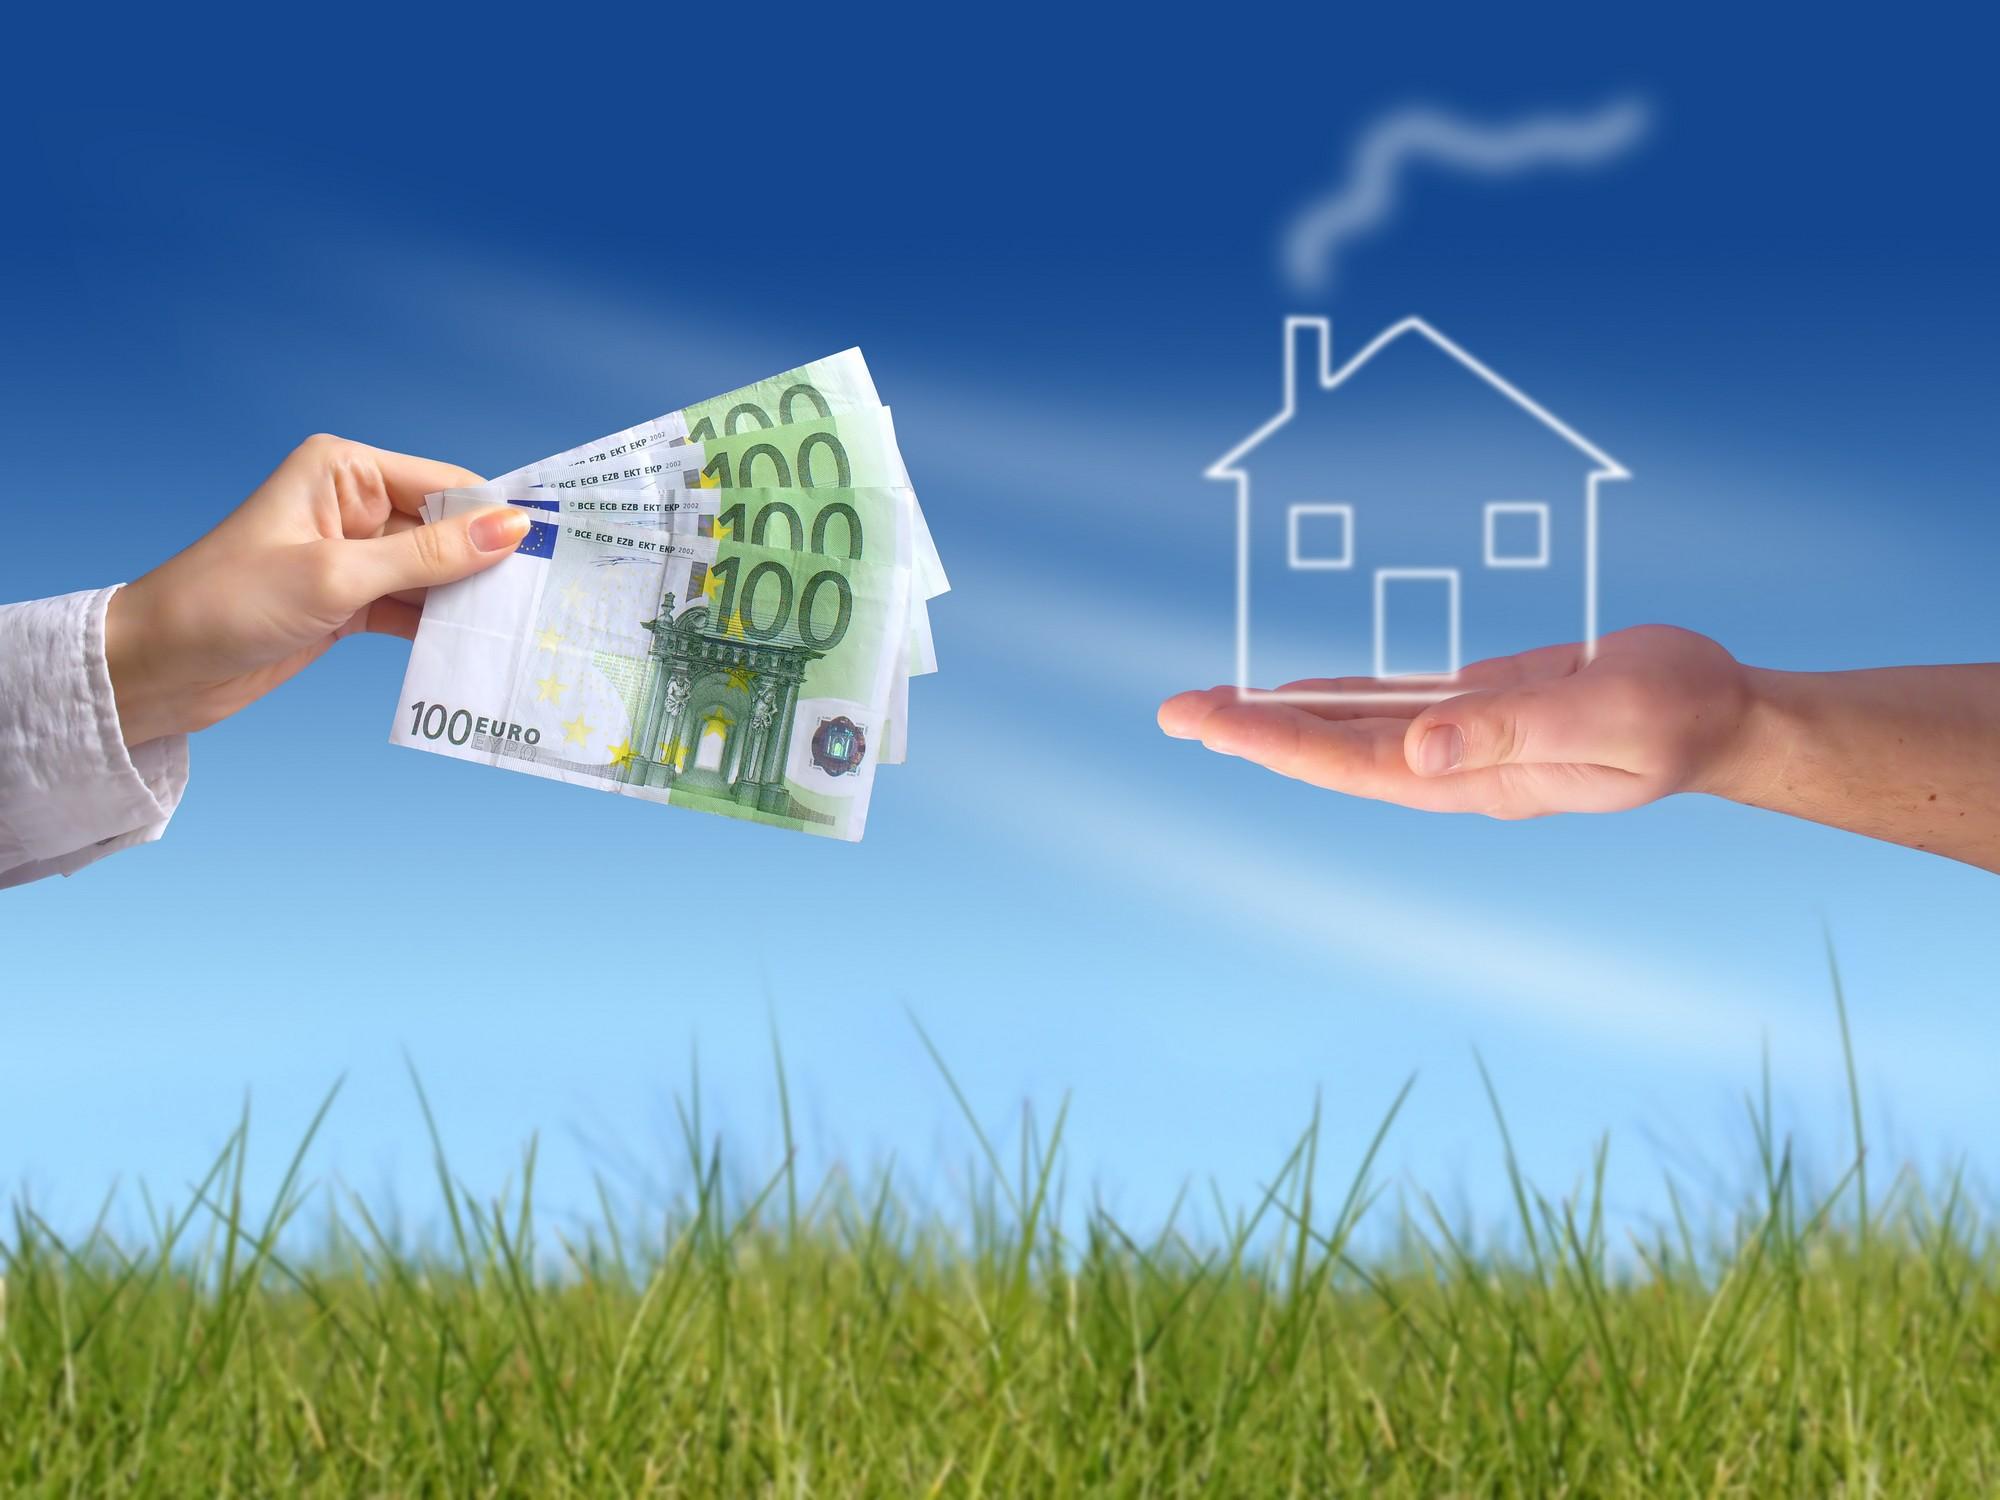 paiement du loyer de votre logement quelles sont les modalit s l gales. Black Bedroom Furniture Sets. Home Design Ideas